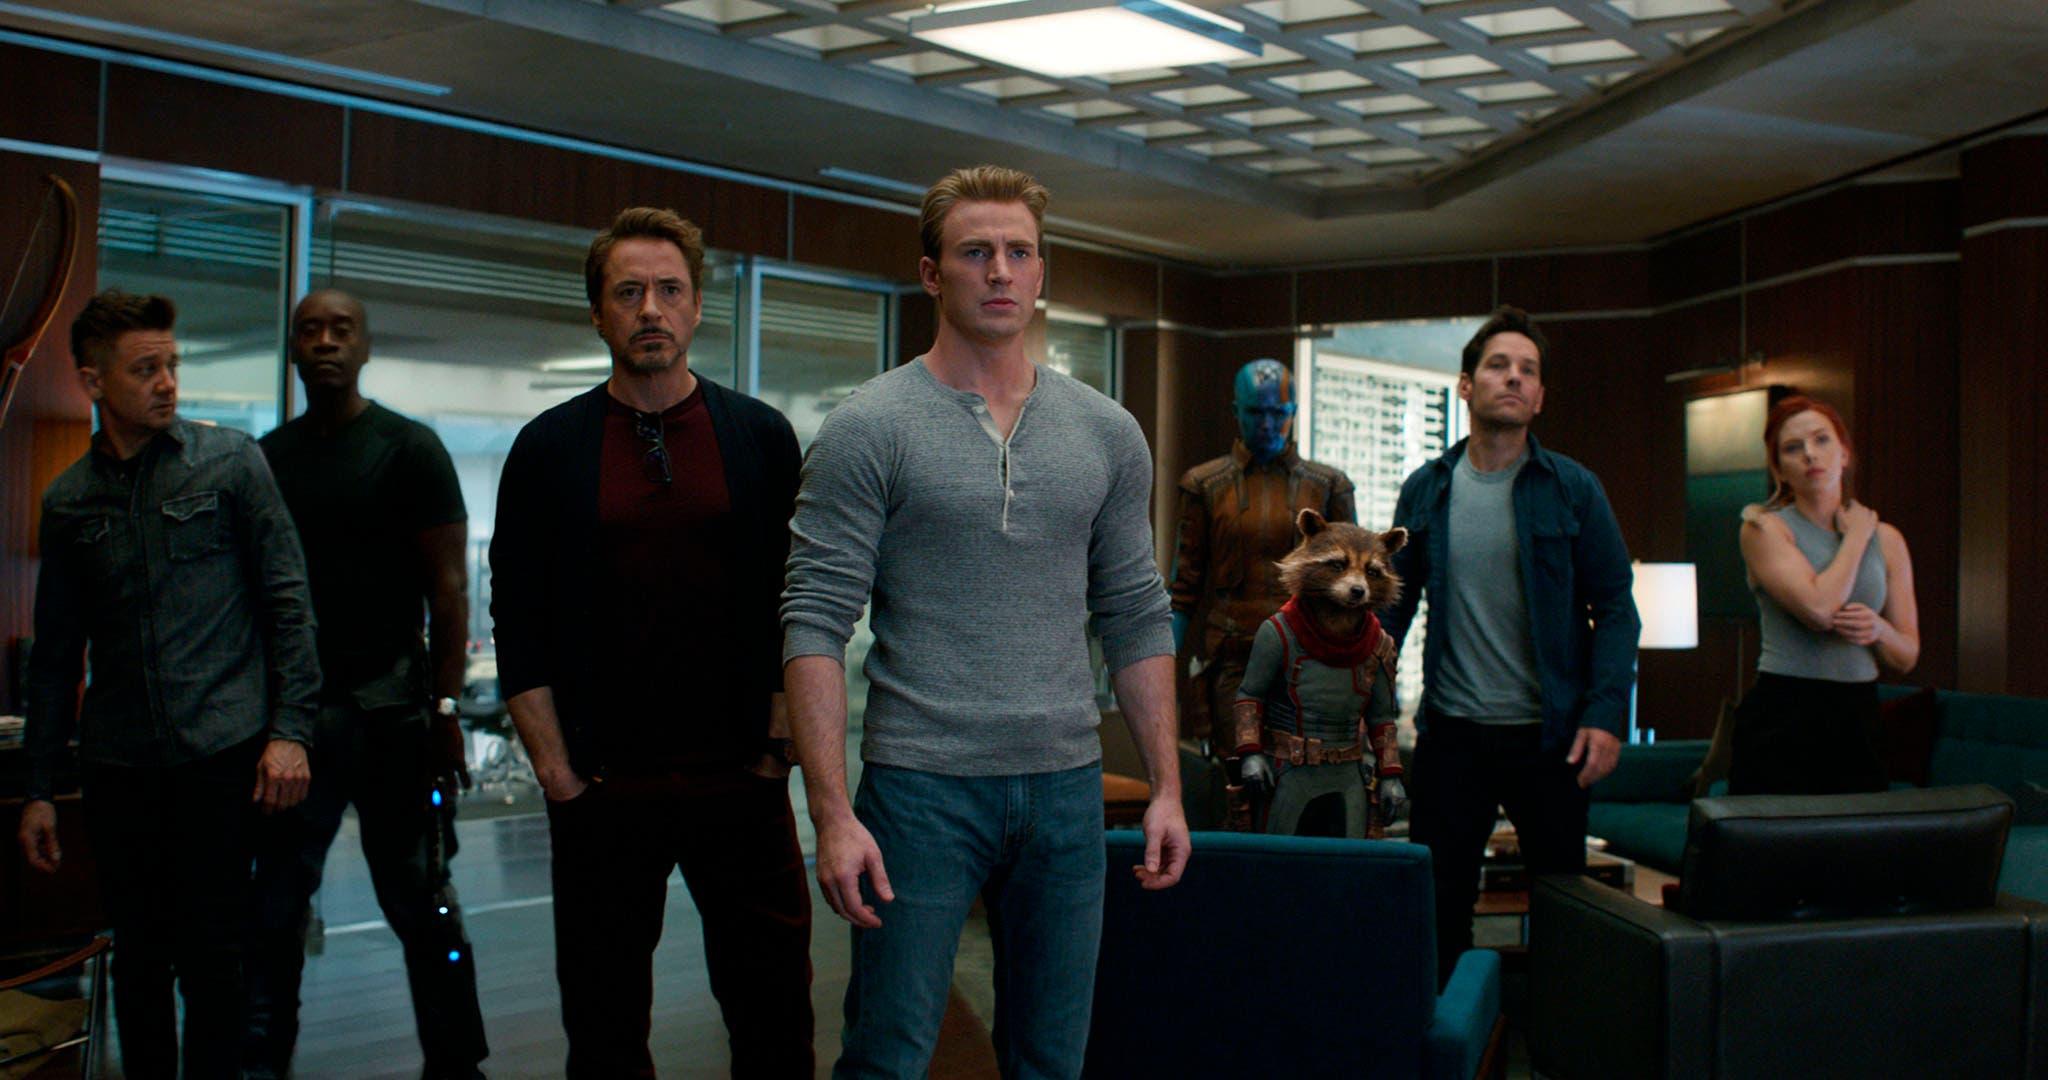 """Esta imagen lanzada por Disney muestra, de izquierda a derecha, Jeremy Renner, Don Cheadle, Robert Downey Jr., Chris Evans, Karen Gillan, el personaje de Rocket, con la voz de Bradley Cooper, Paul Rudd y Scarlett Johansson en una escena de """"Avengers: Endgame. """" (Disney / Marvel Studios vía AP)"""